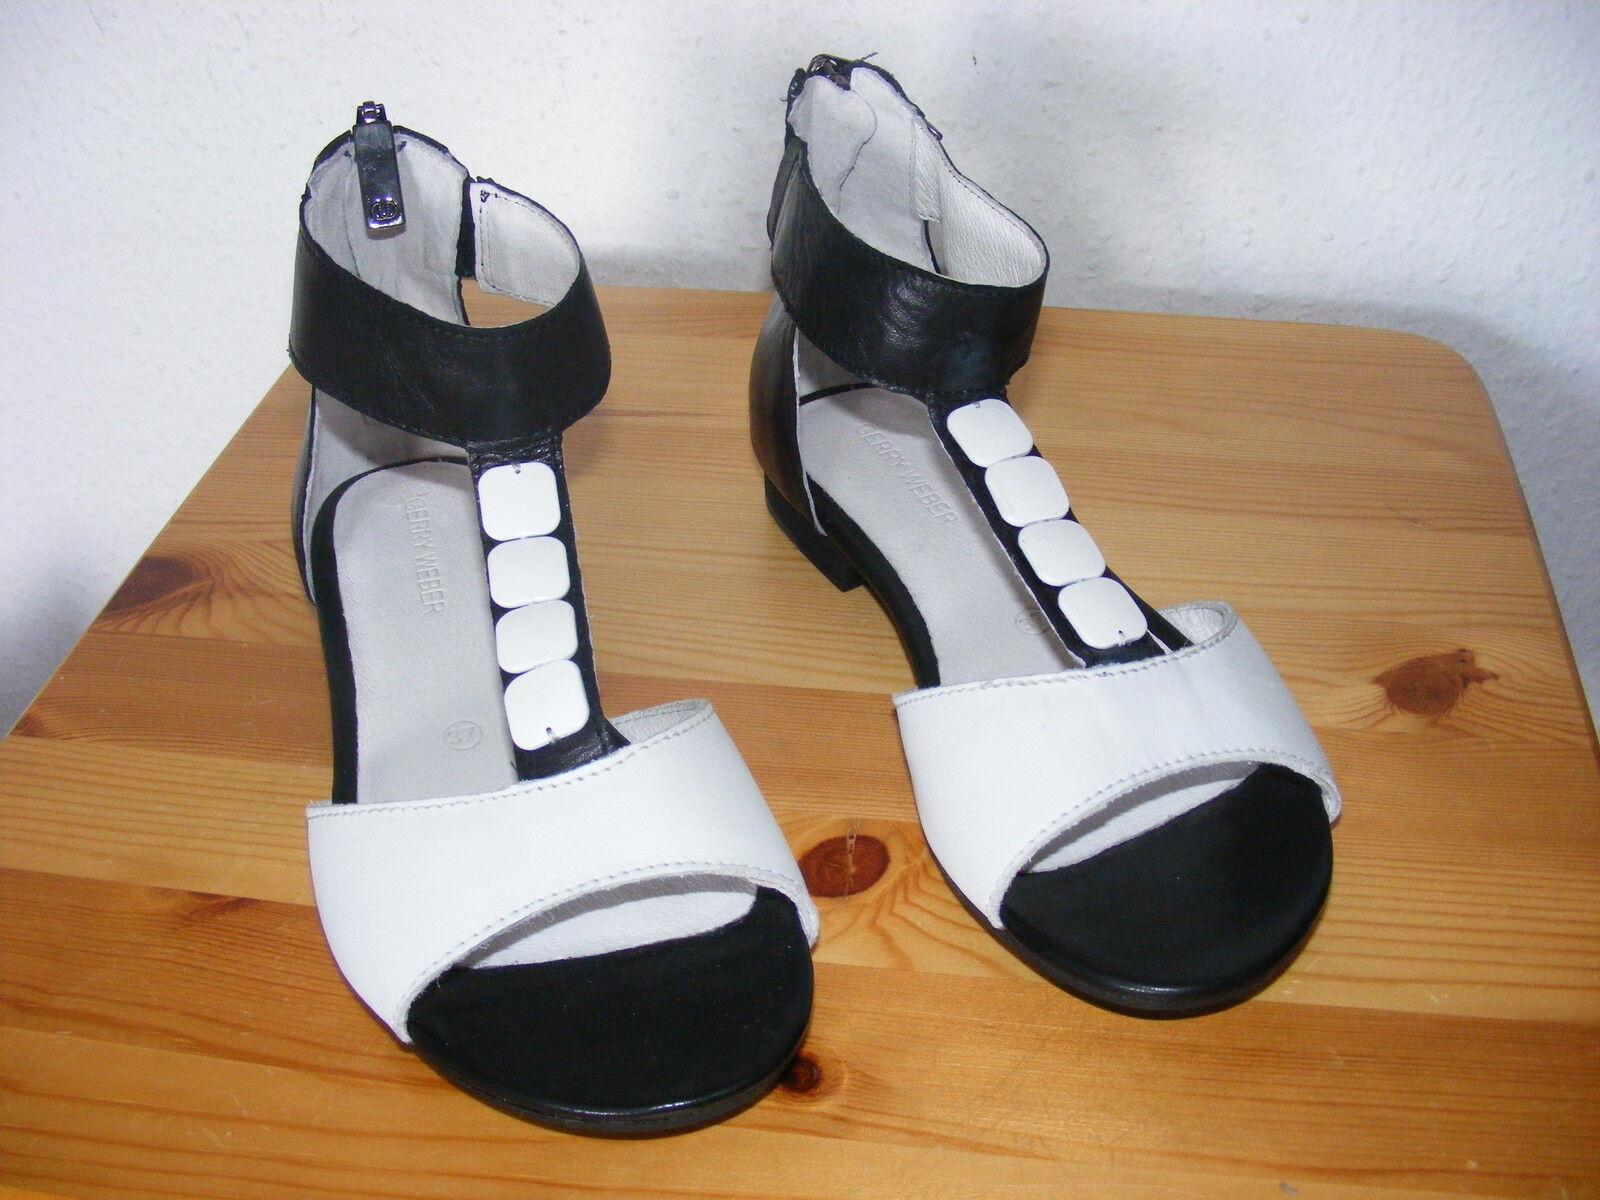 TG. sandali 37 Gerry Weber NUOVO sandali TG. cinturino pelle, alta alla caviglia Nero + Bianco Elegante a23f4e